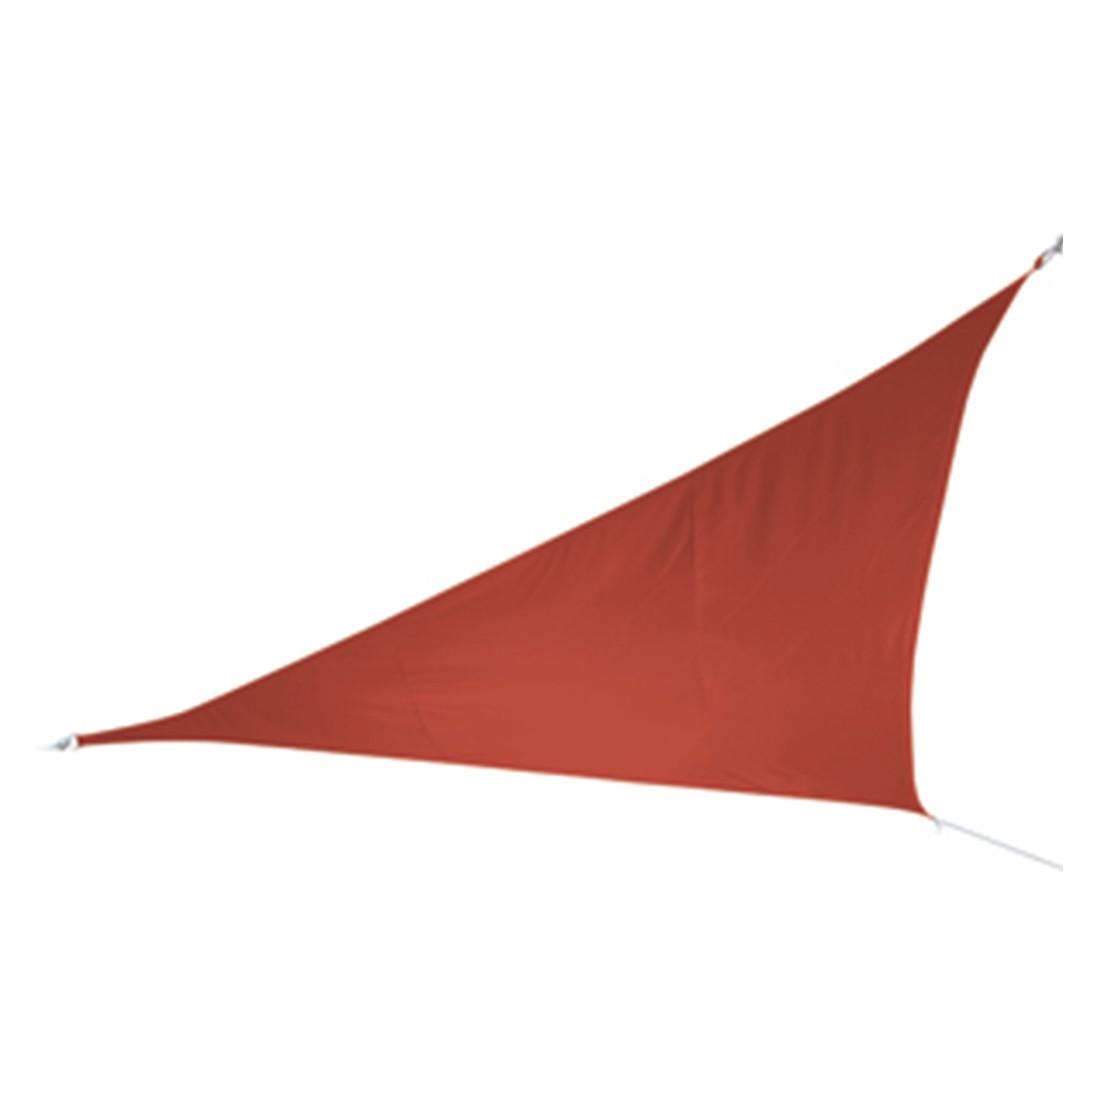 Sonnensegel - Polyester - Terracotta - 500 x 500 x 500, Doppler